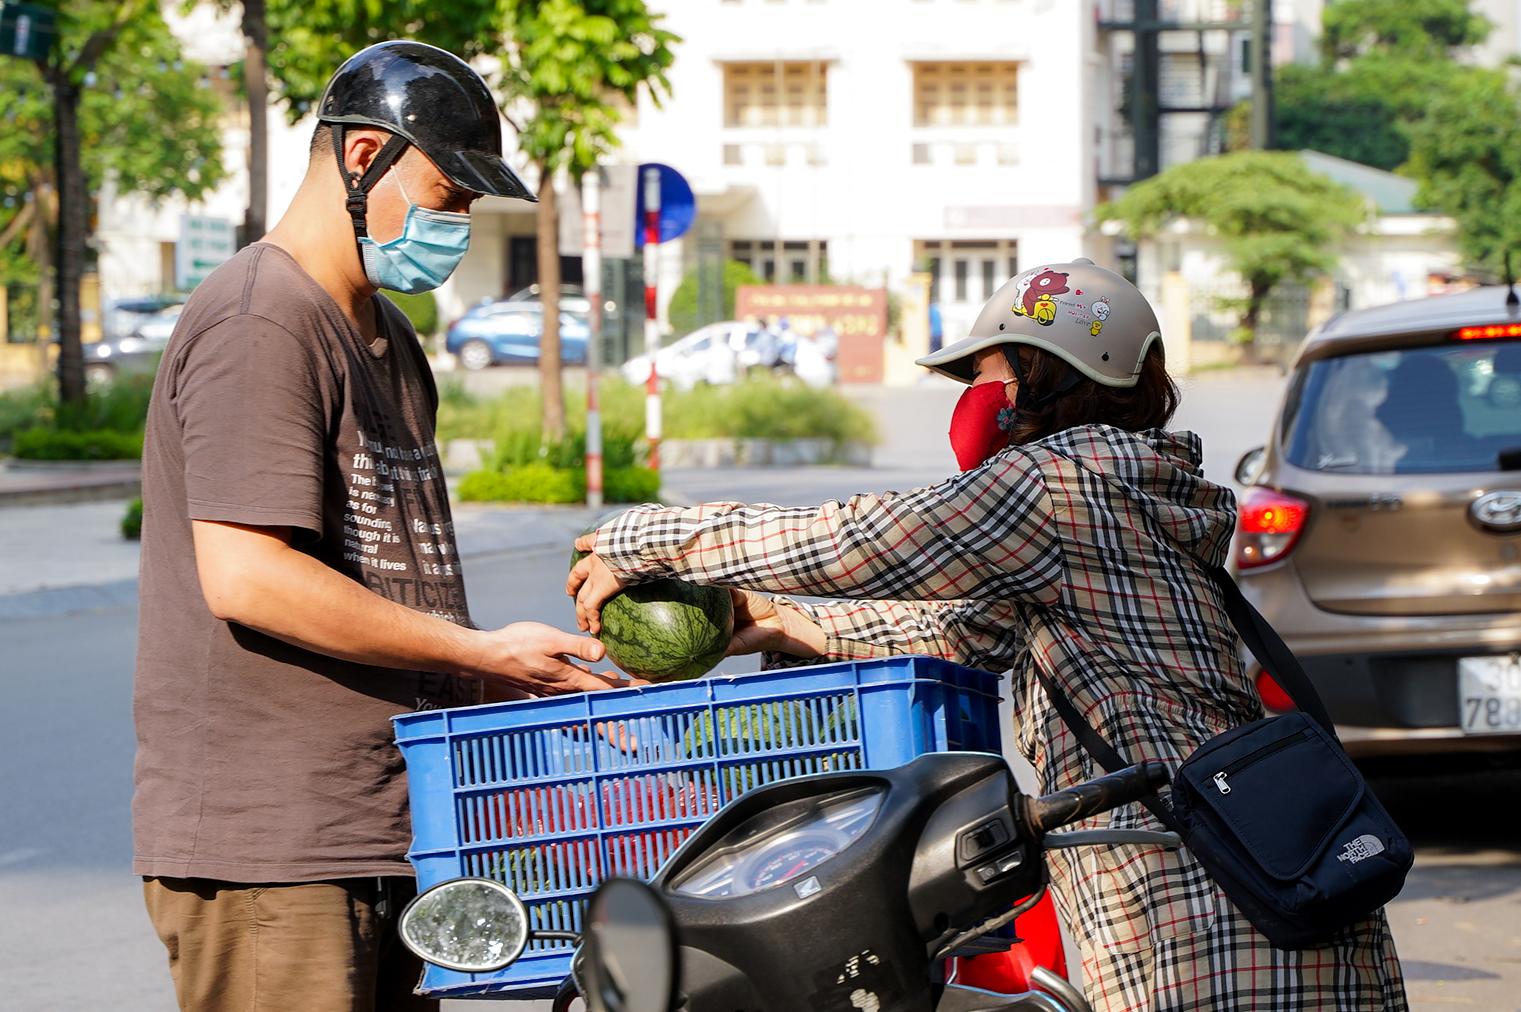 Hơn 60 tấn dưa hấu Bắc Giang được người dân Hà Nội giải cứu - Ảnh 5.